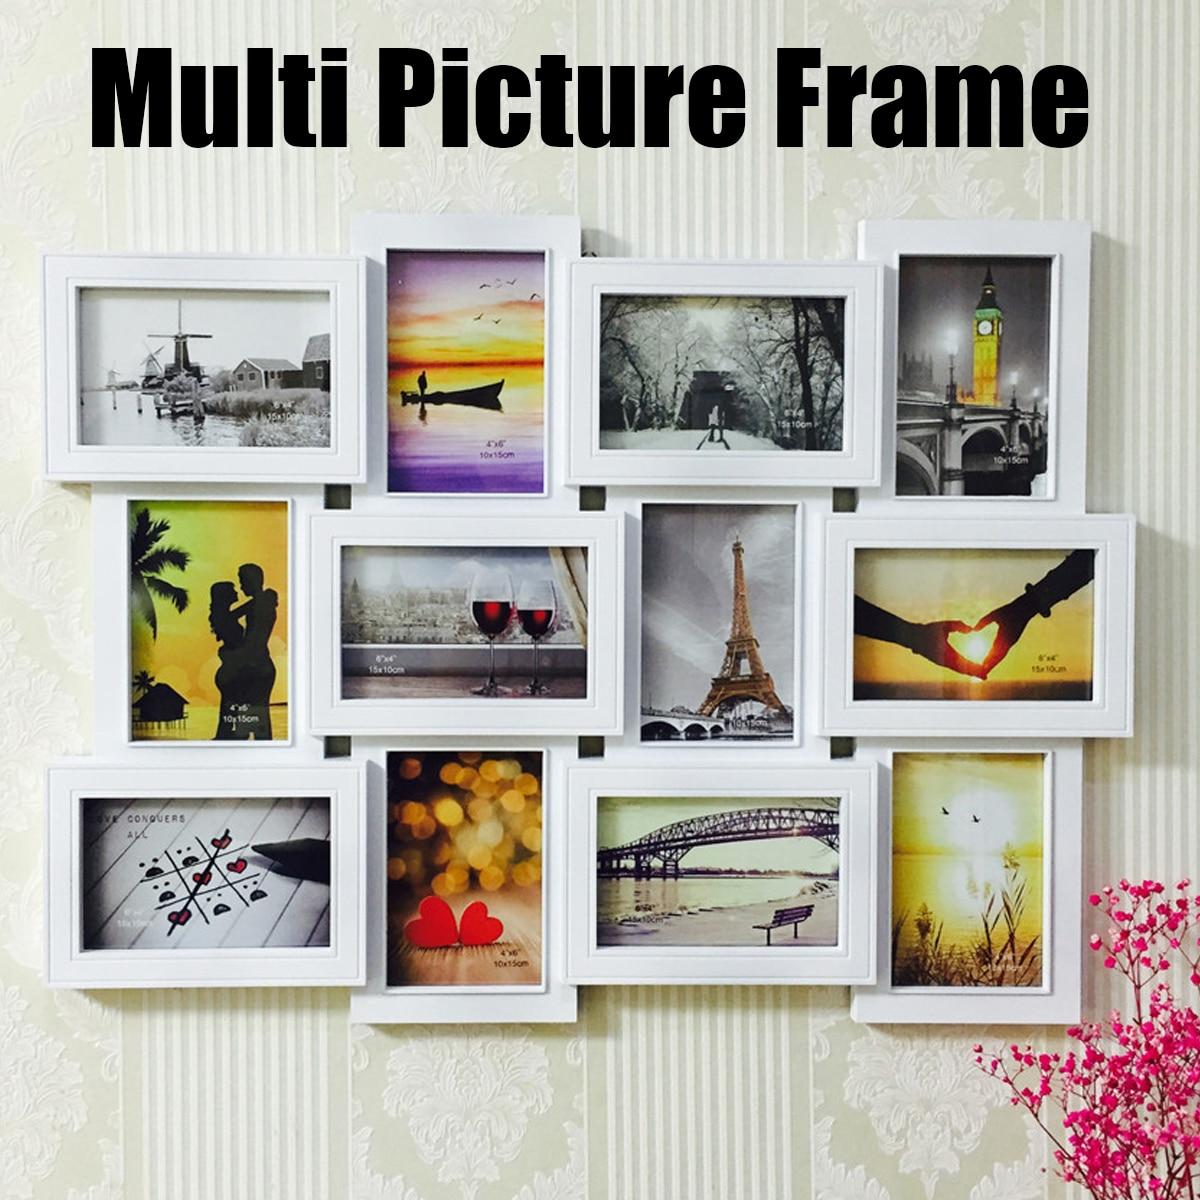 62x48 cm 12 images cadres mur Photo cadre maison Design Multi photos Collage mariage Photo cadre mur décoration souvenirs cadeau